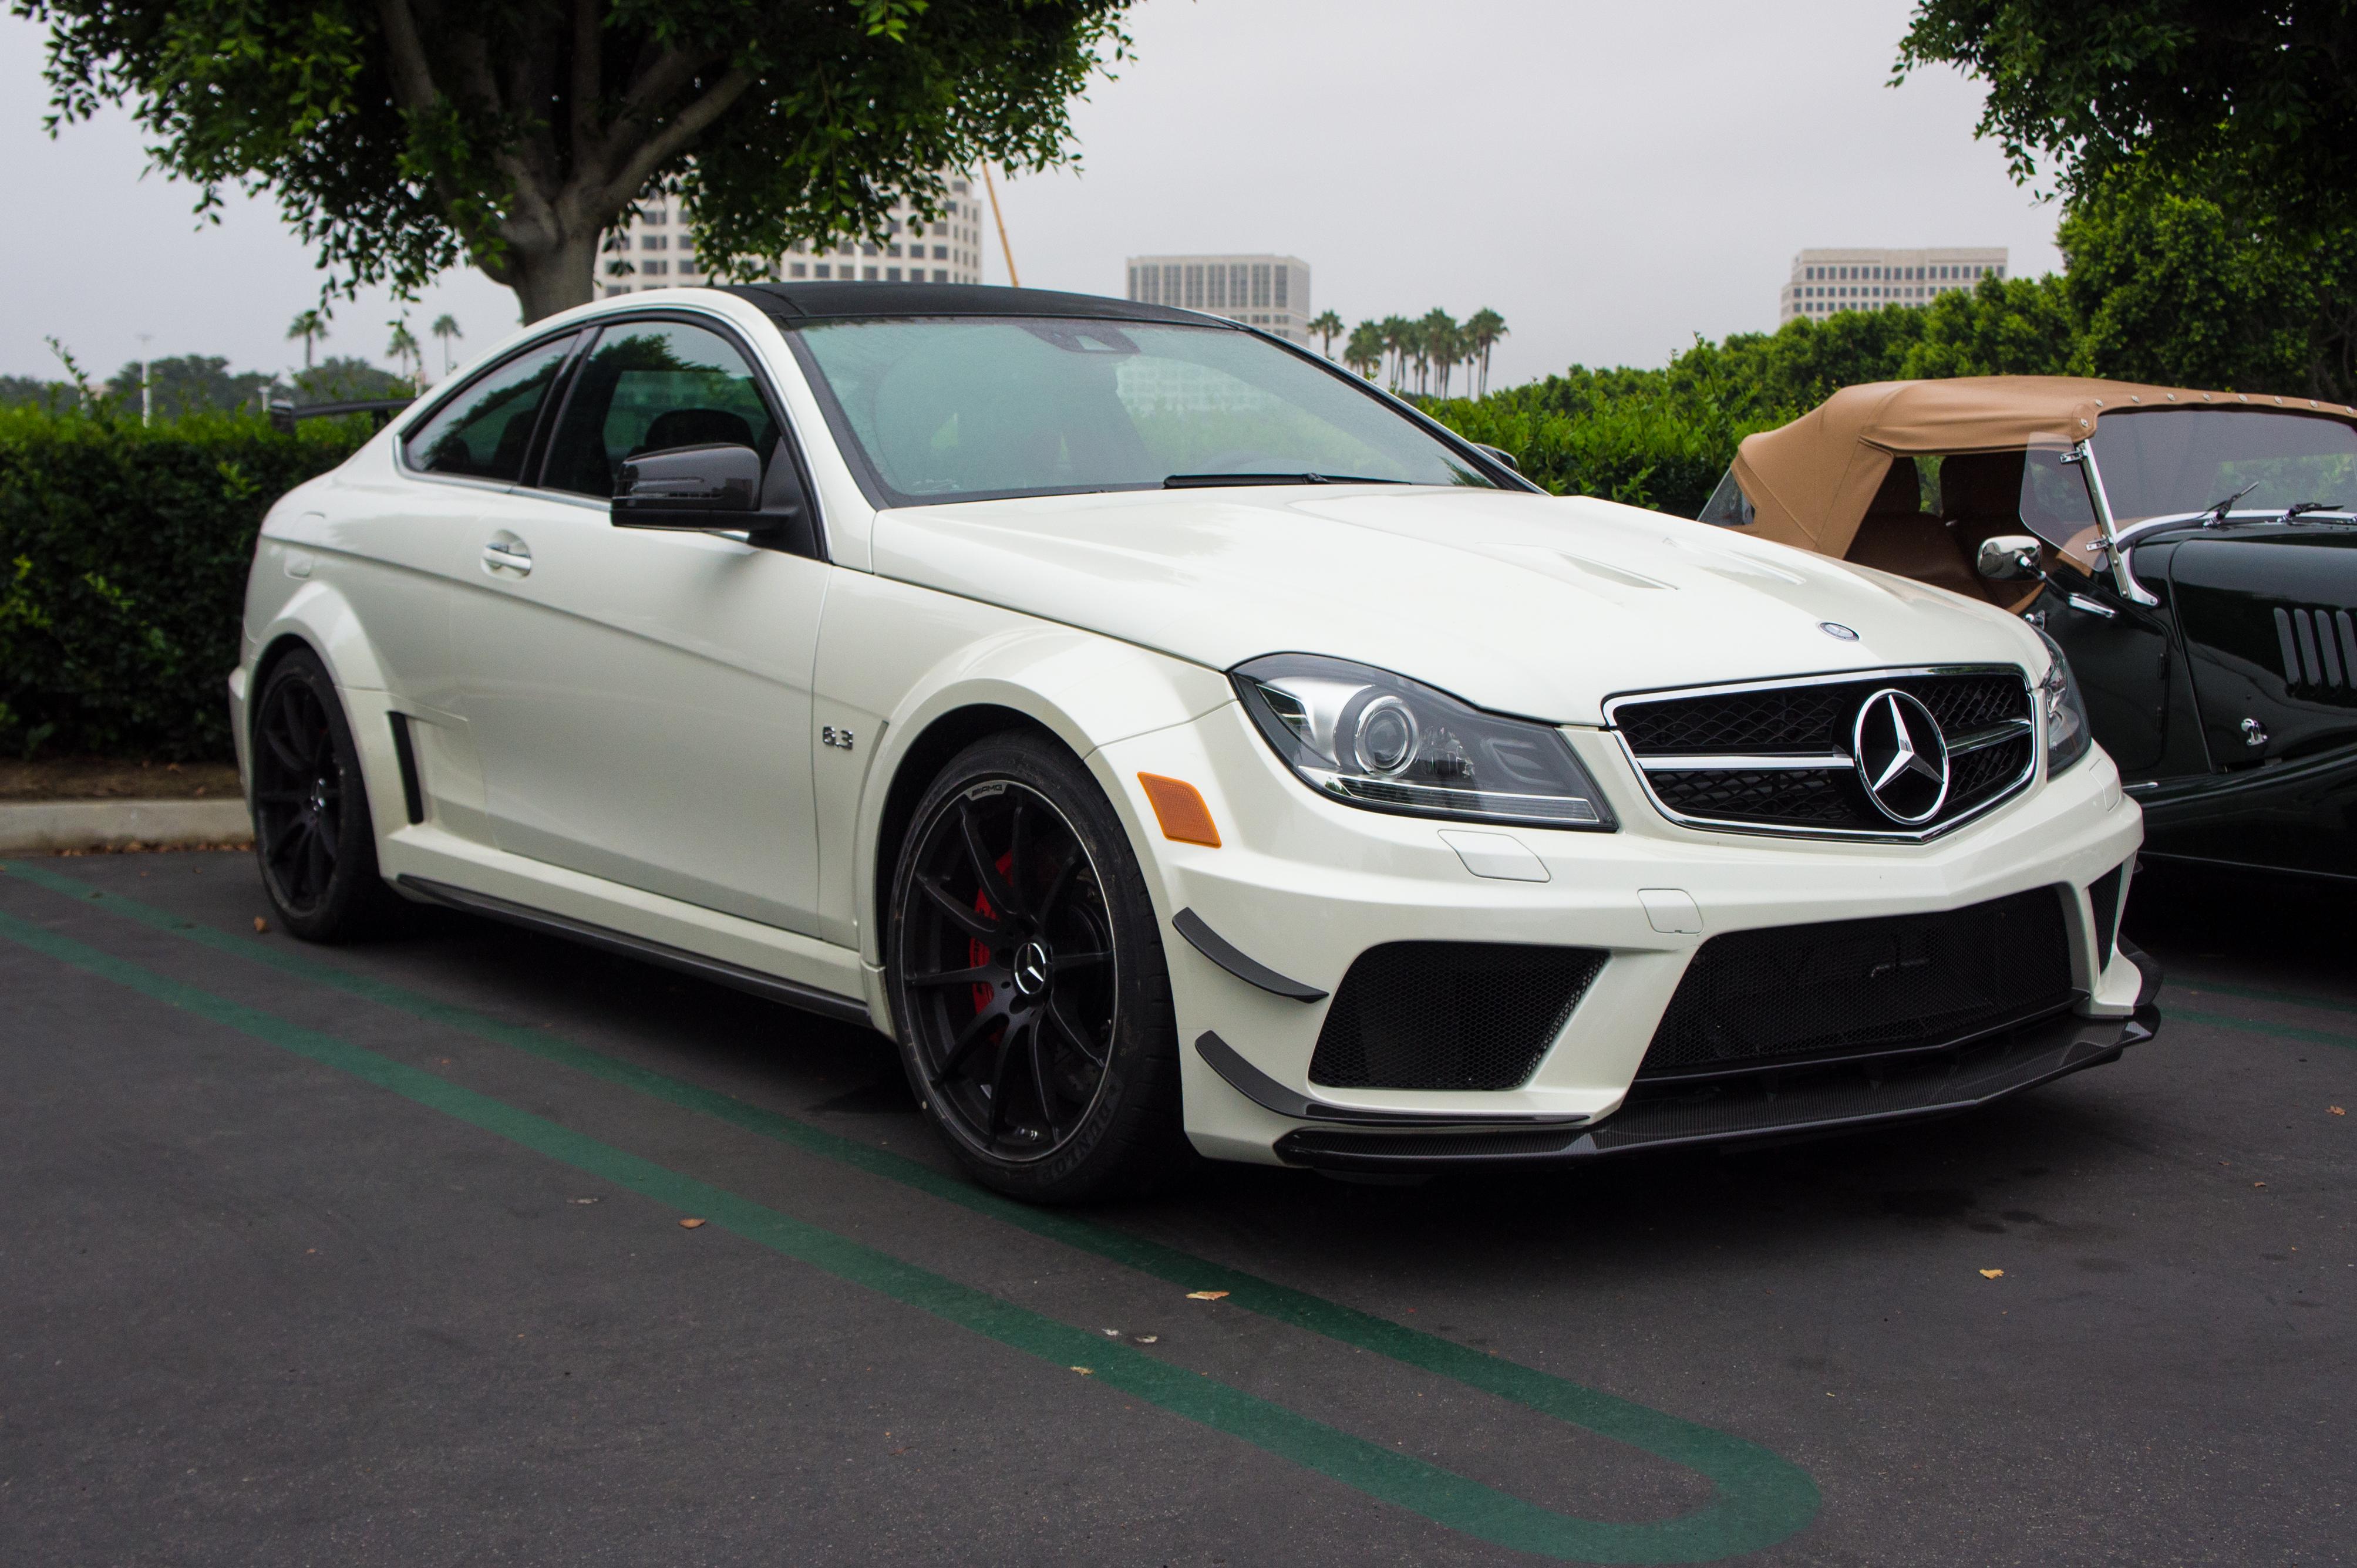 Mercedes c63 wiki